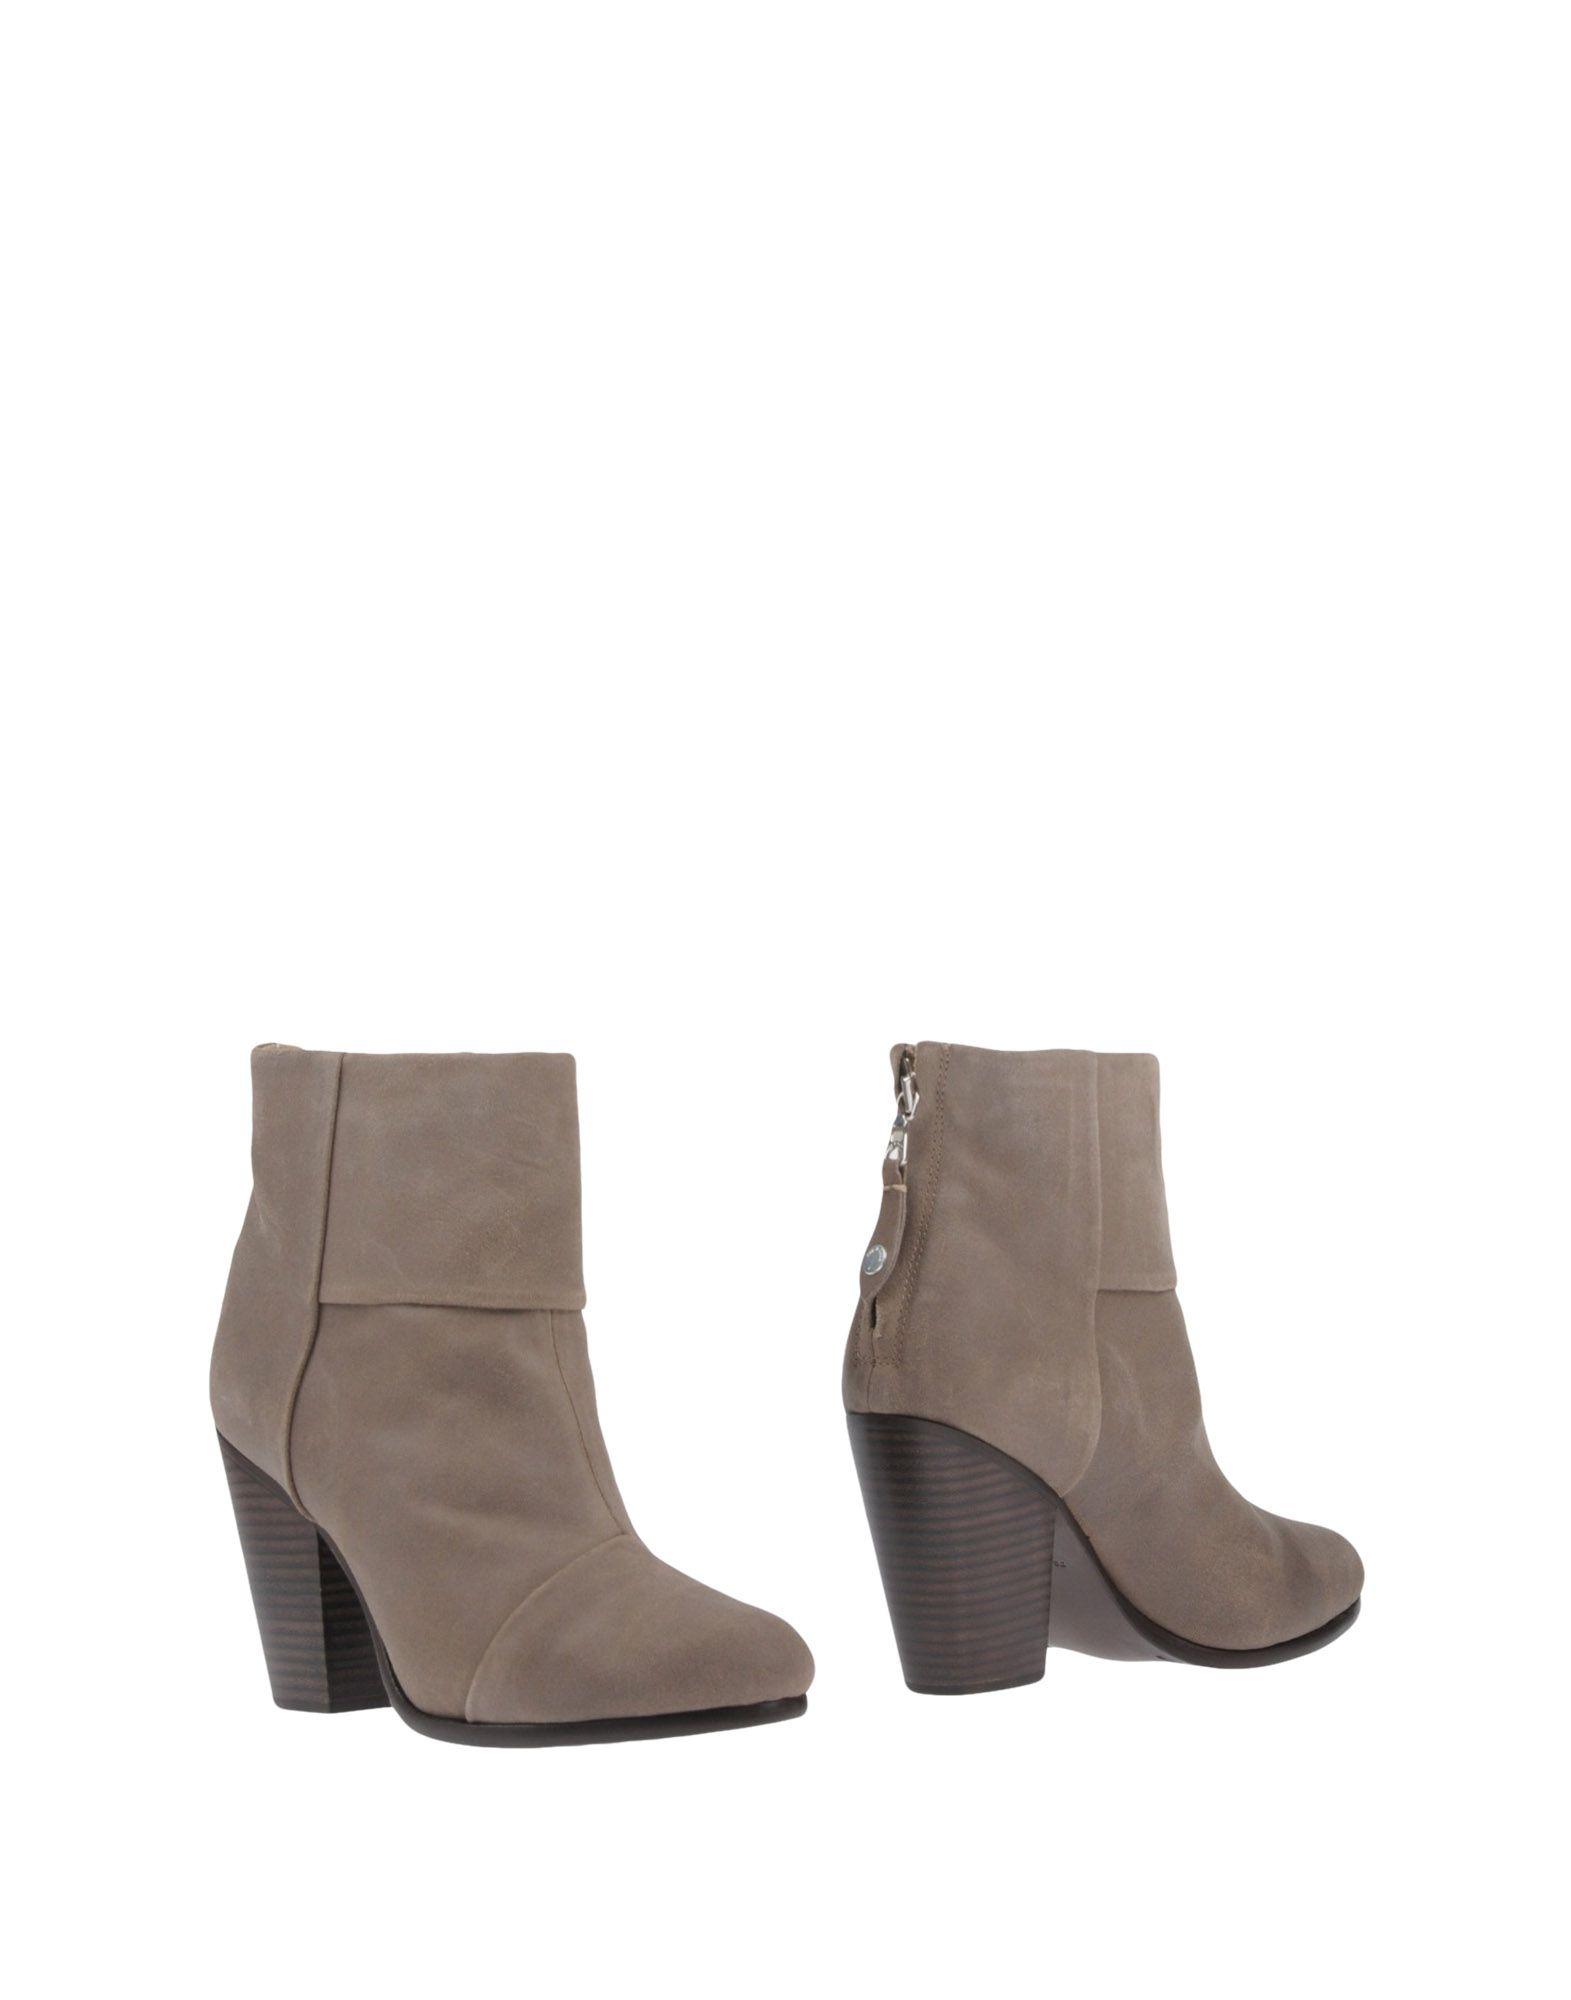 Rag & Bone Stiefelette Damen  11447131QIGut aussehende strapazierfähige Schuhe